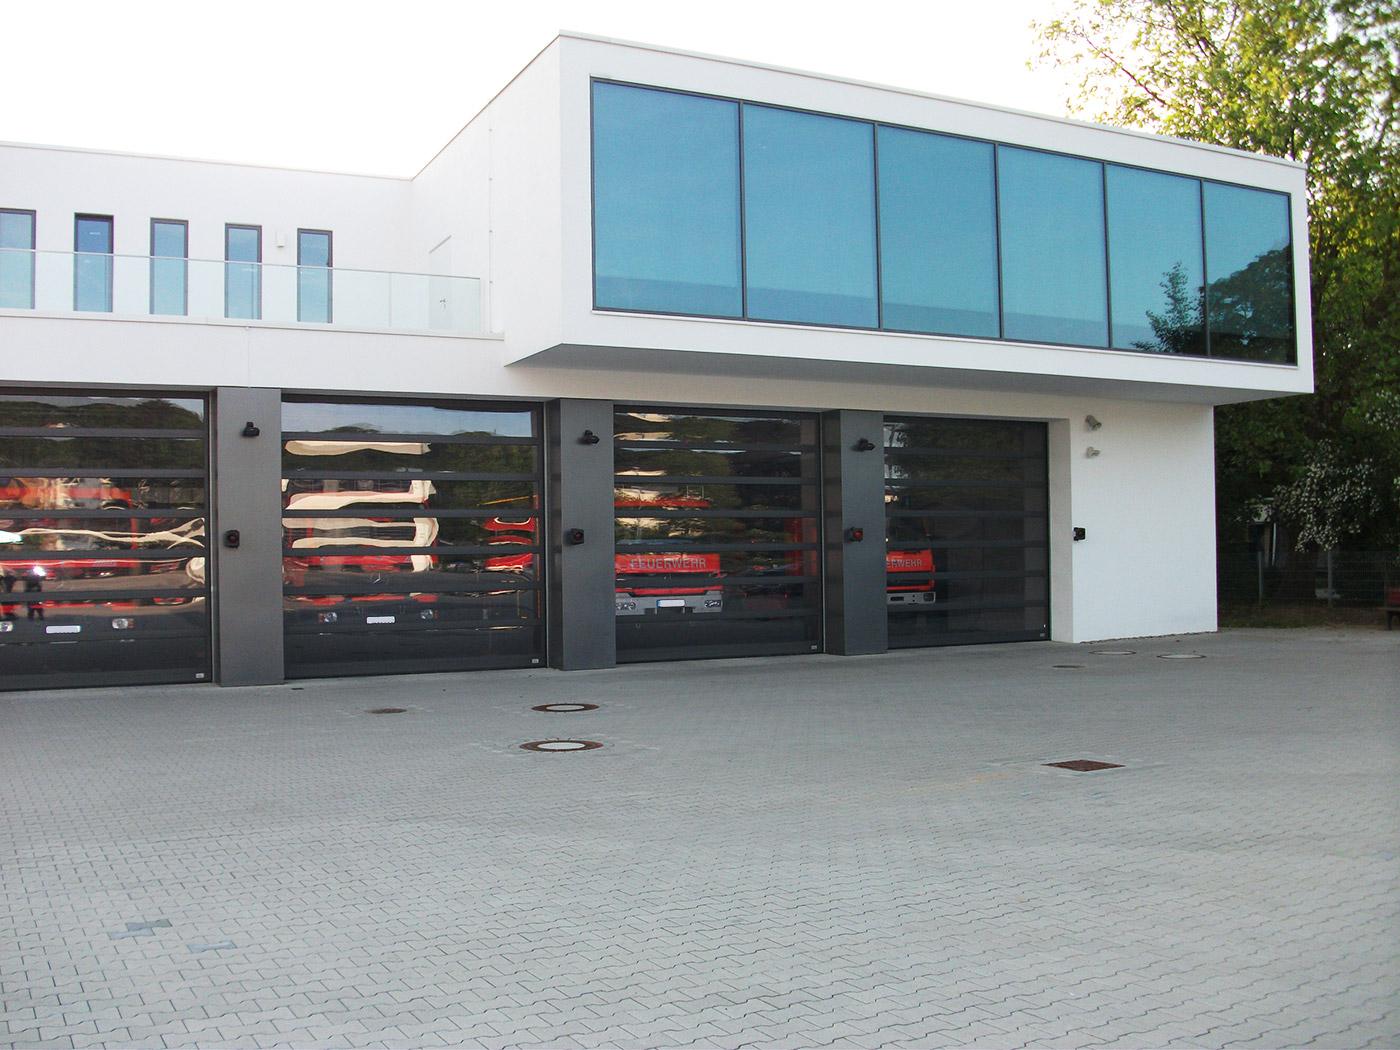 Grundlagenermittlungen und Vorplanungen für ein Feuerwehrhaus